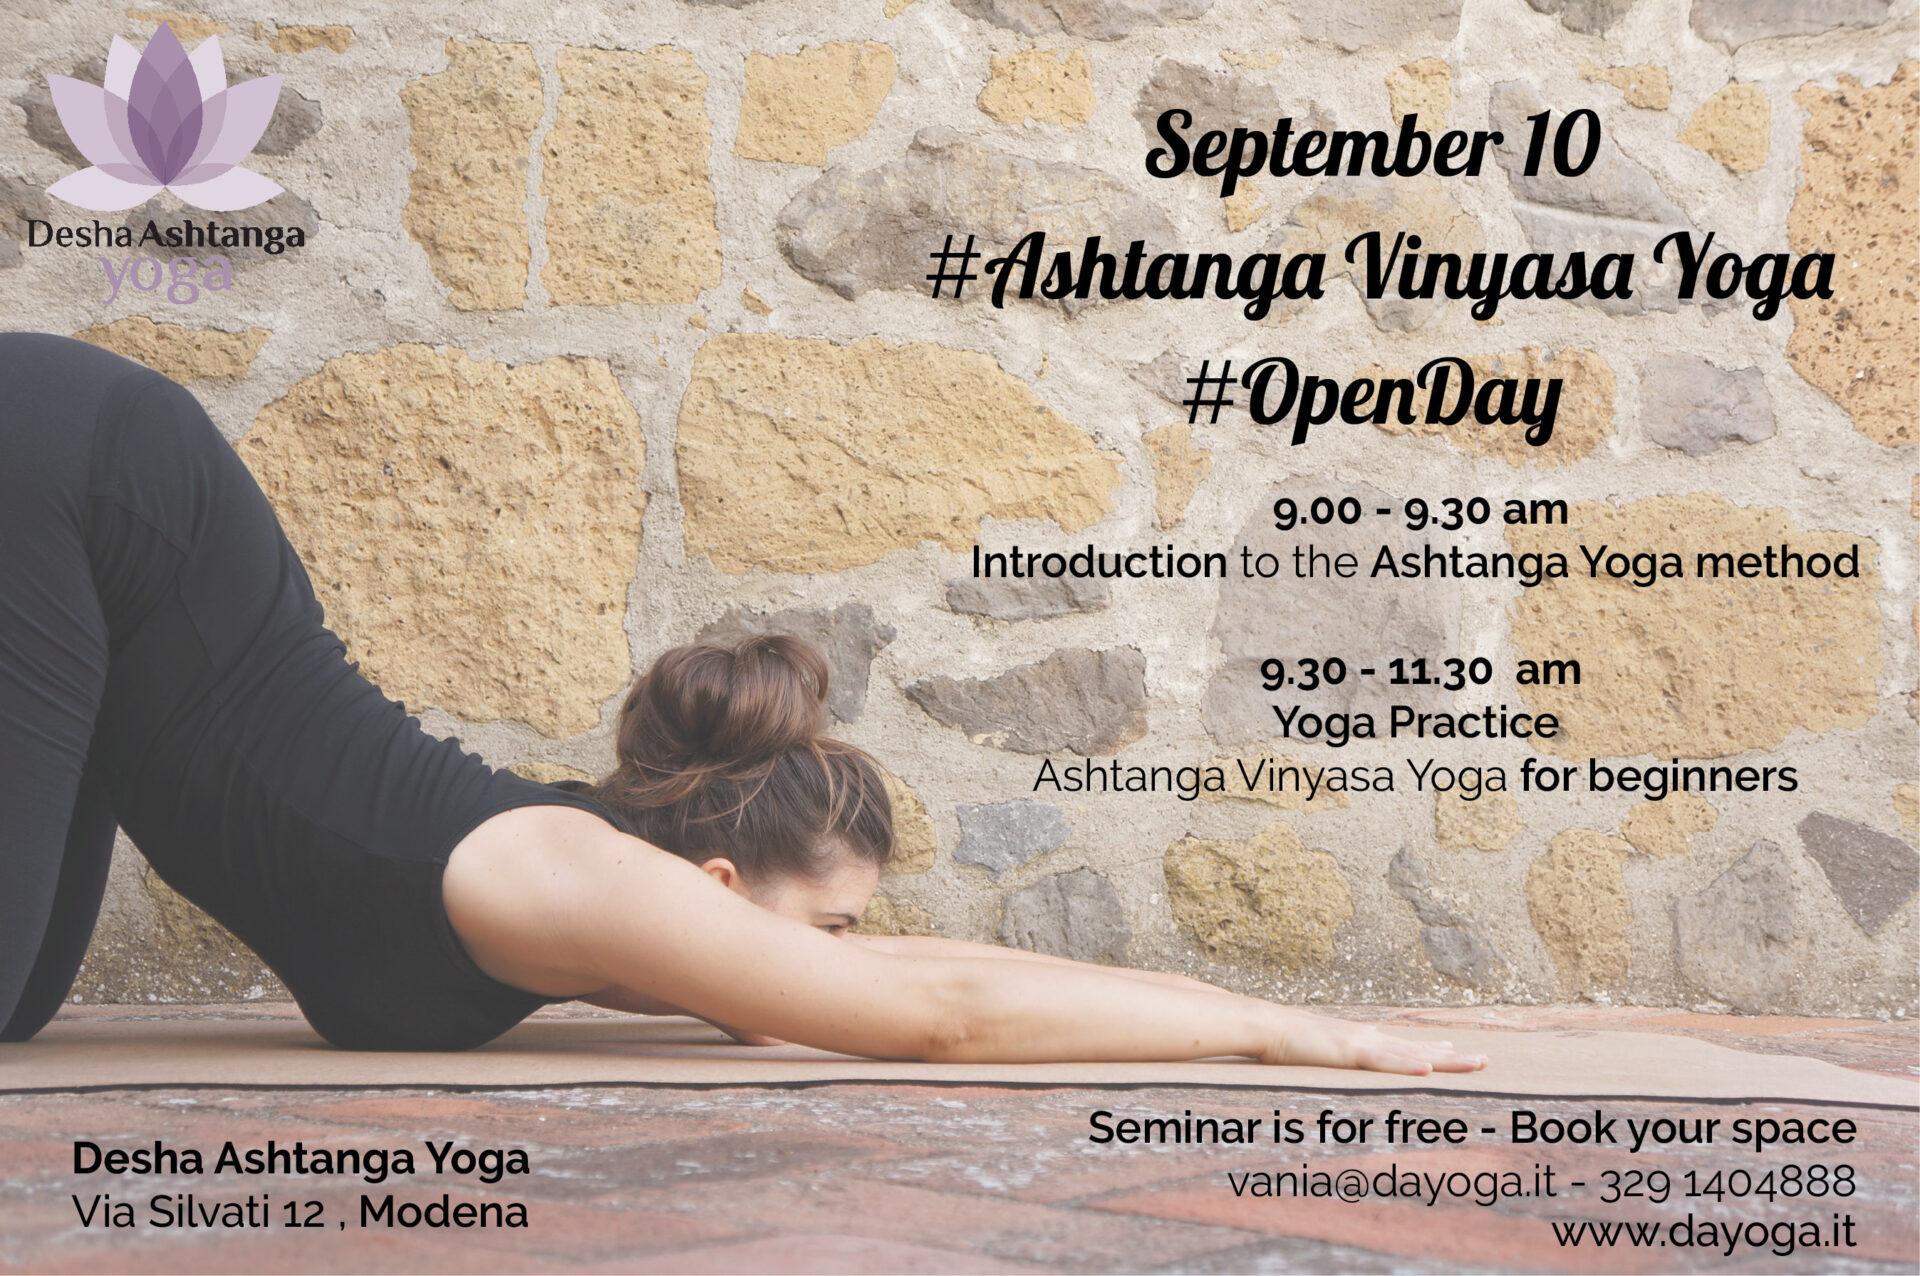 September 10 open day